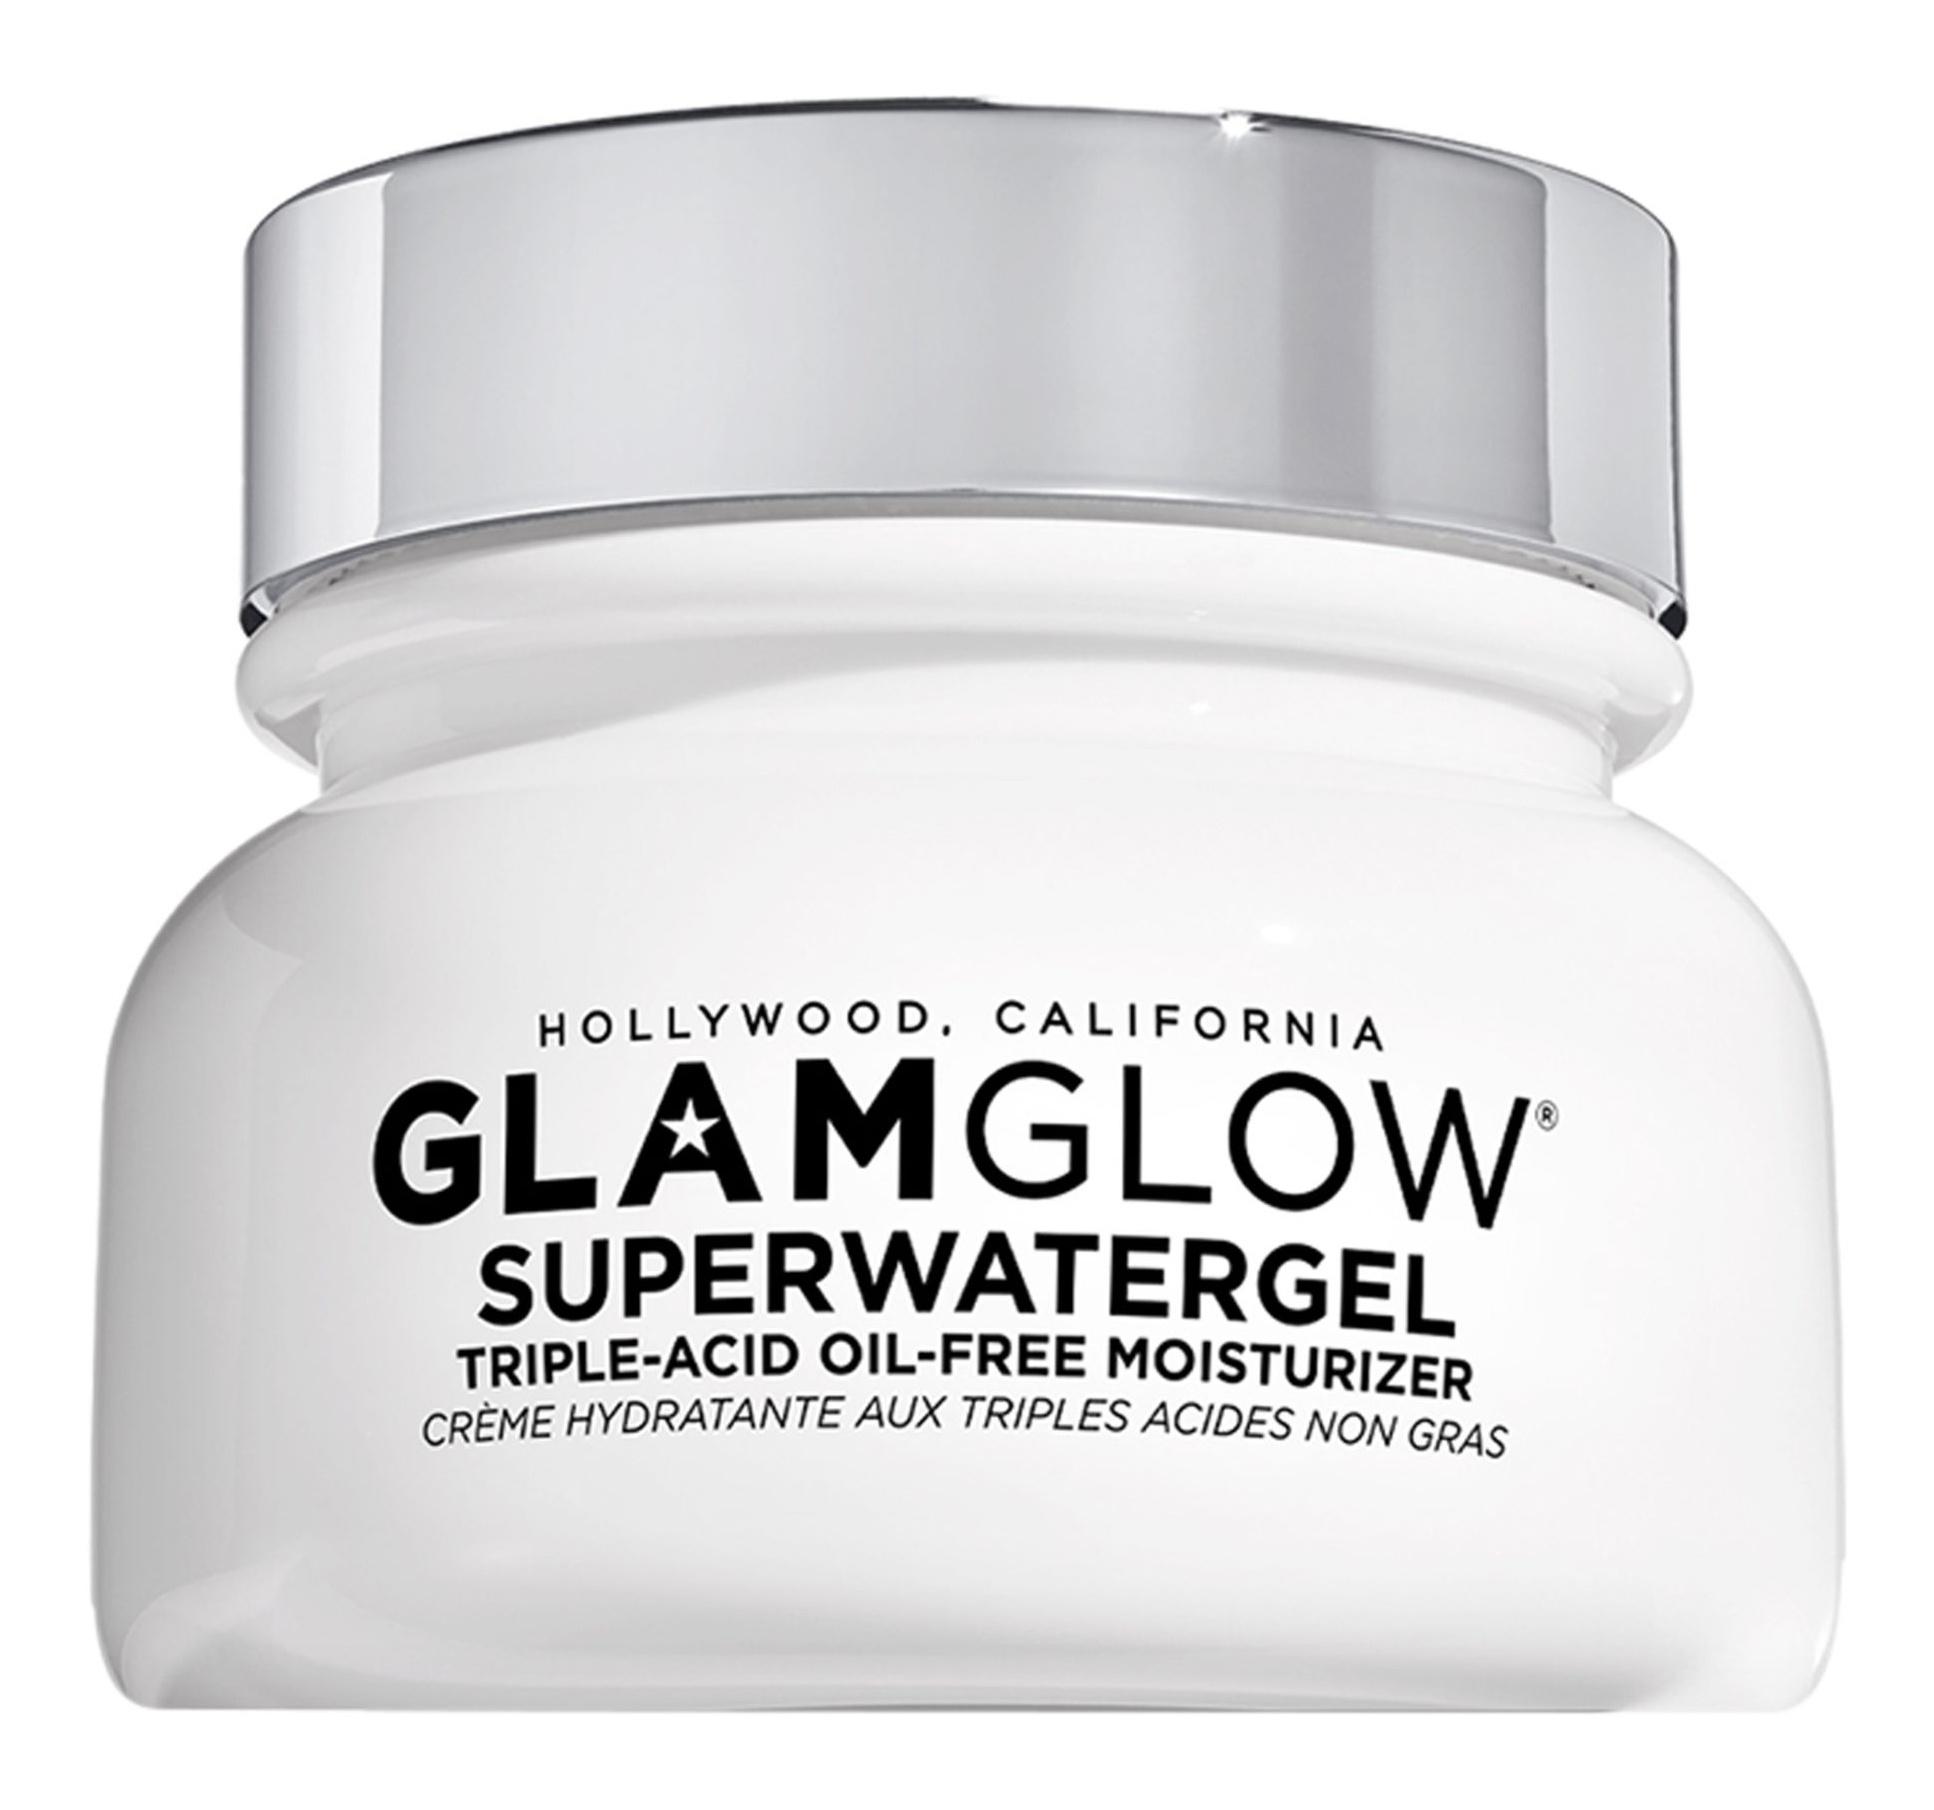 GLAMGLOW SUPERWATERGEL Triple Acid Oil-Free Moisturizer